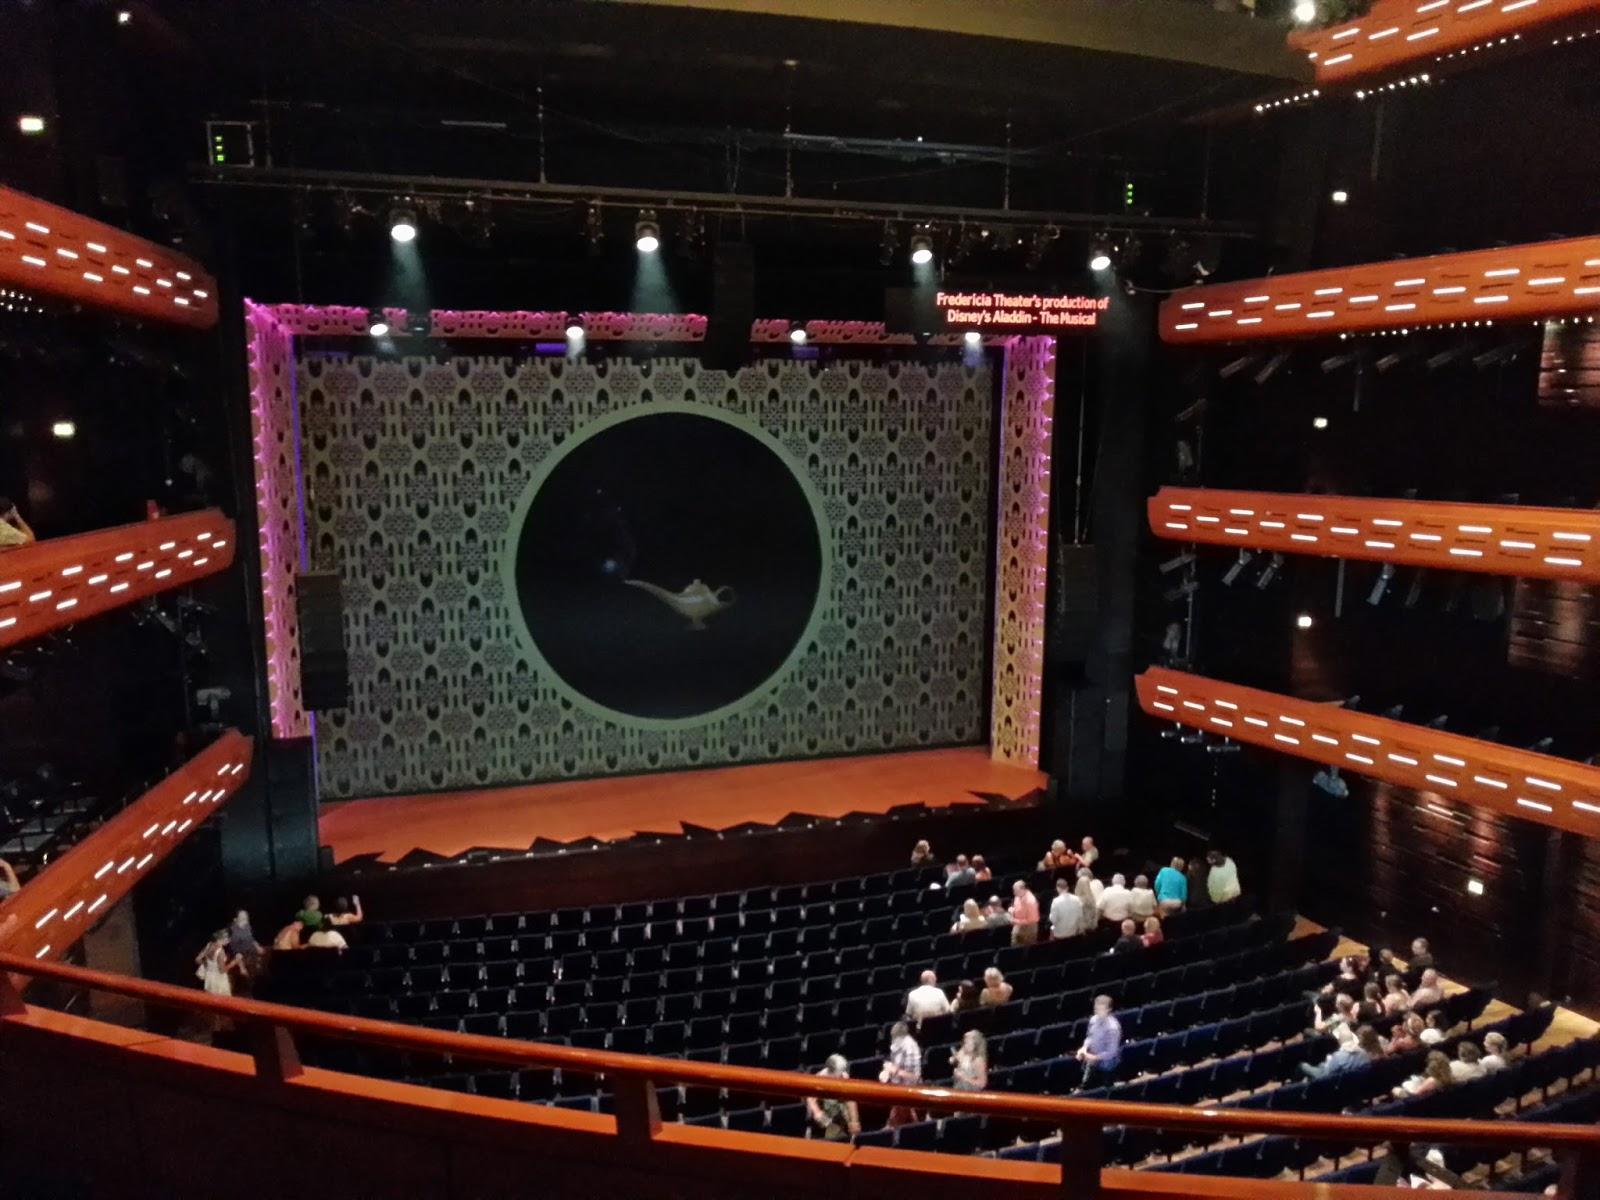 forestillinger i operaen københavn